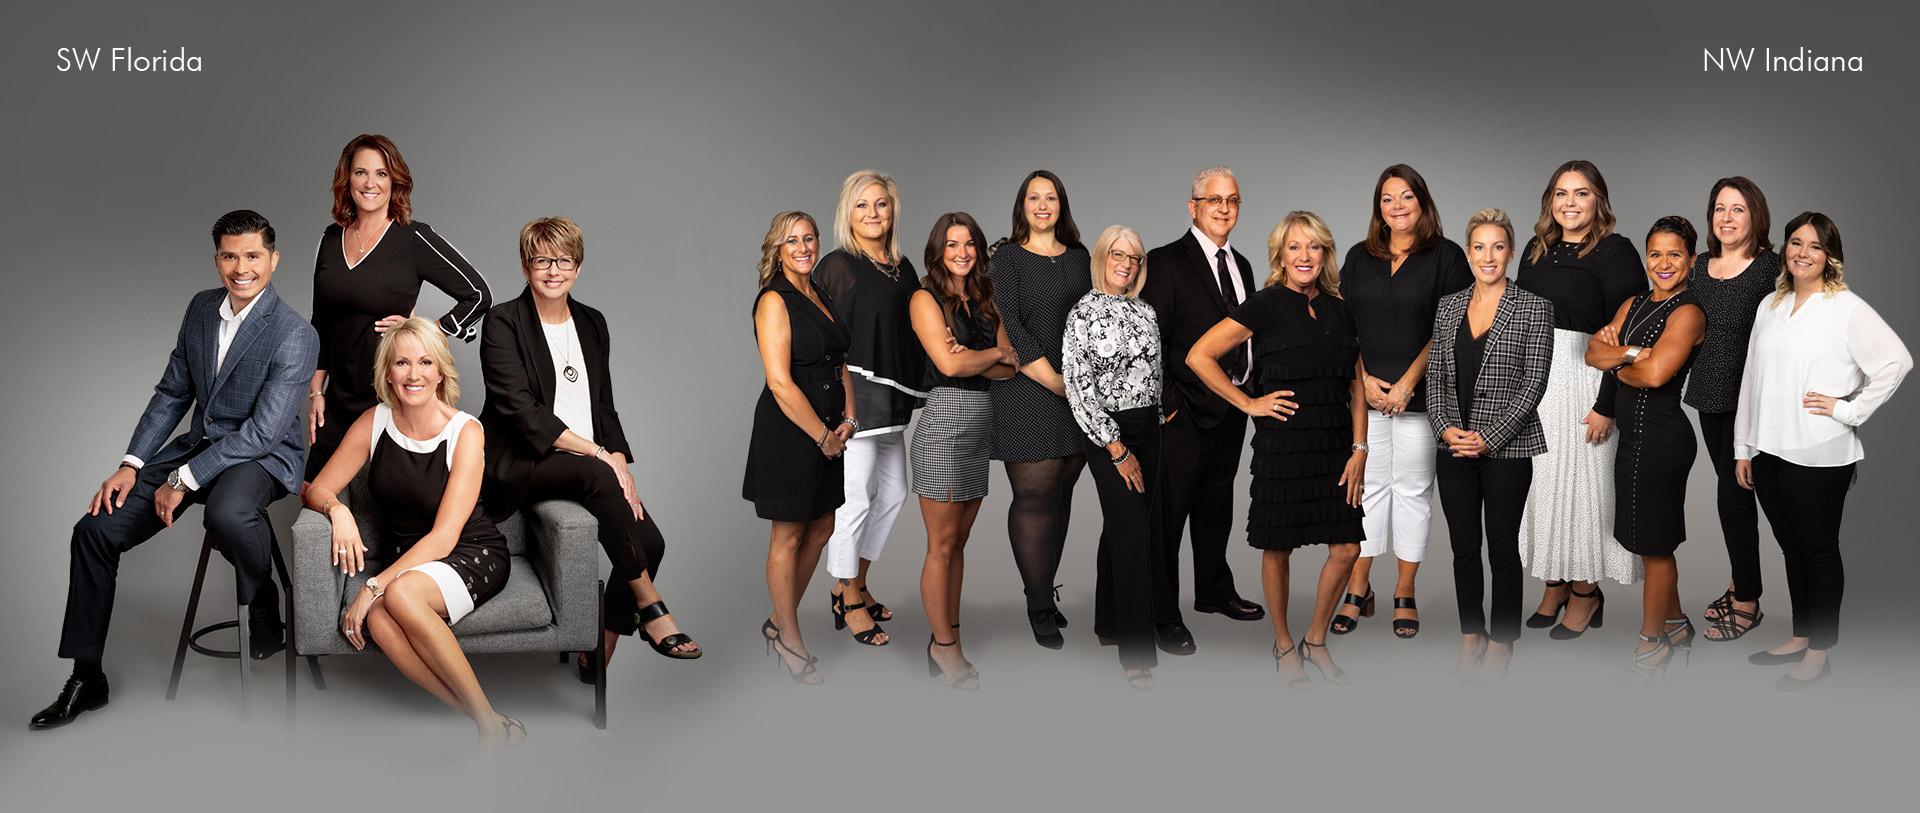 The Jana Caudill Team